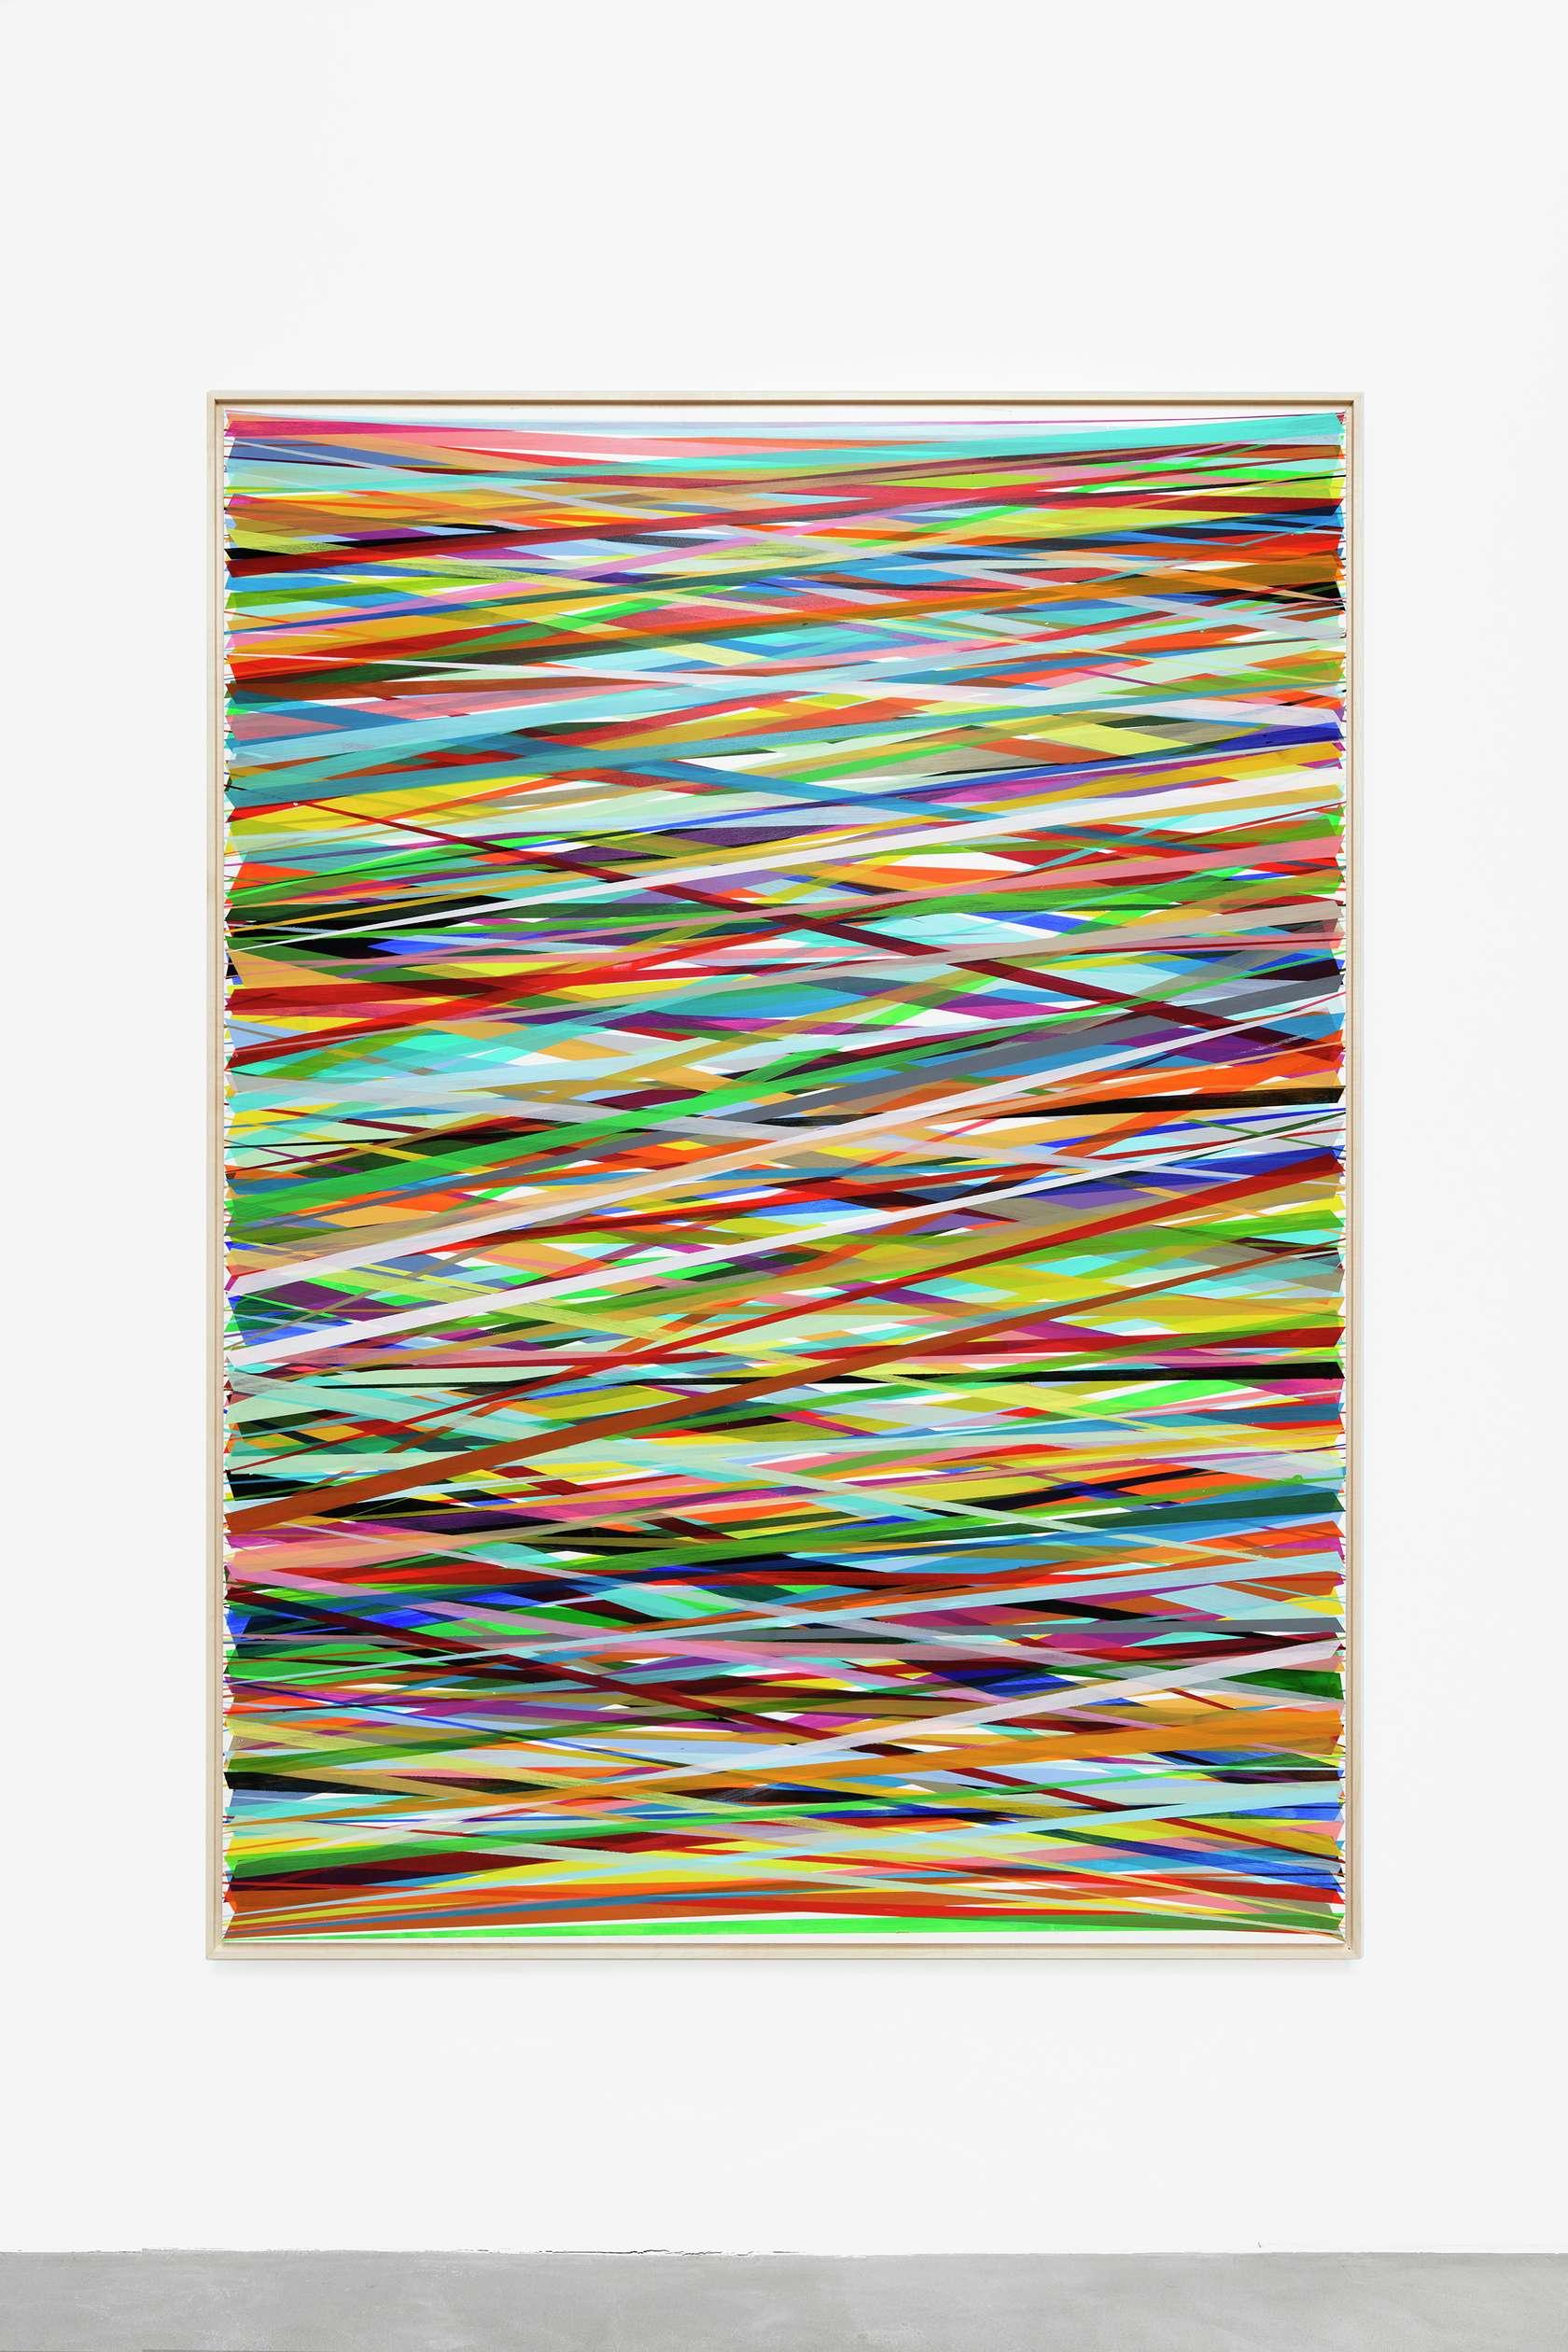 Beat Zoderer, Horizontales ZIG ZAG No. 6/19, 2019 Acrylique sur panneau de bois194 x 143 cm / 76 3/8 x 56 2/8 inches